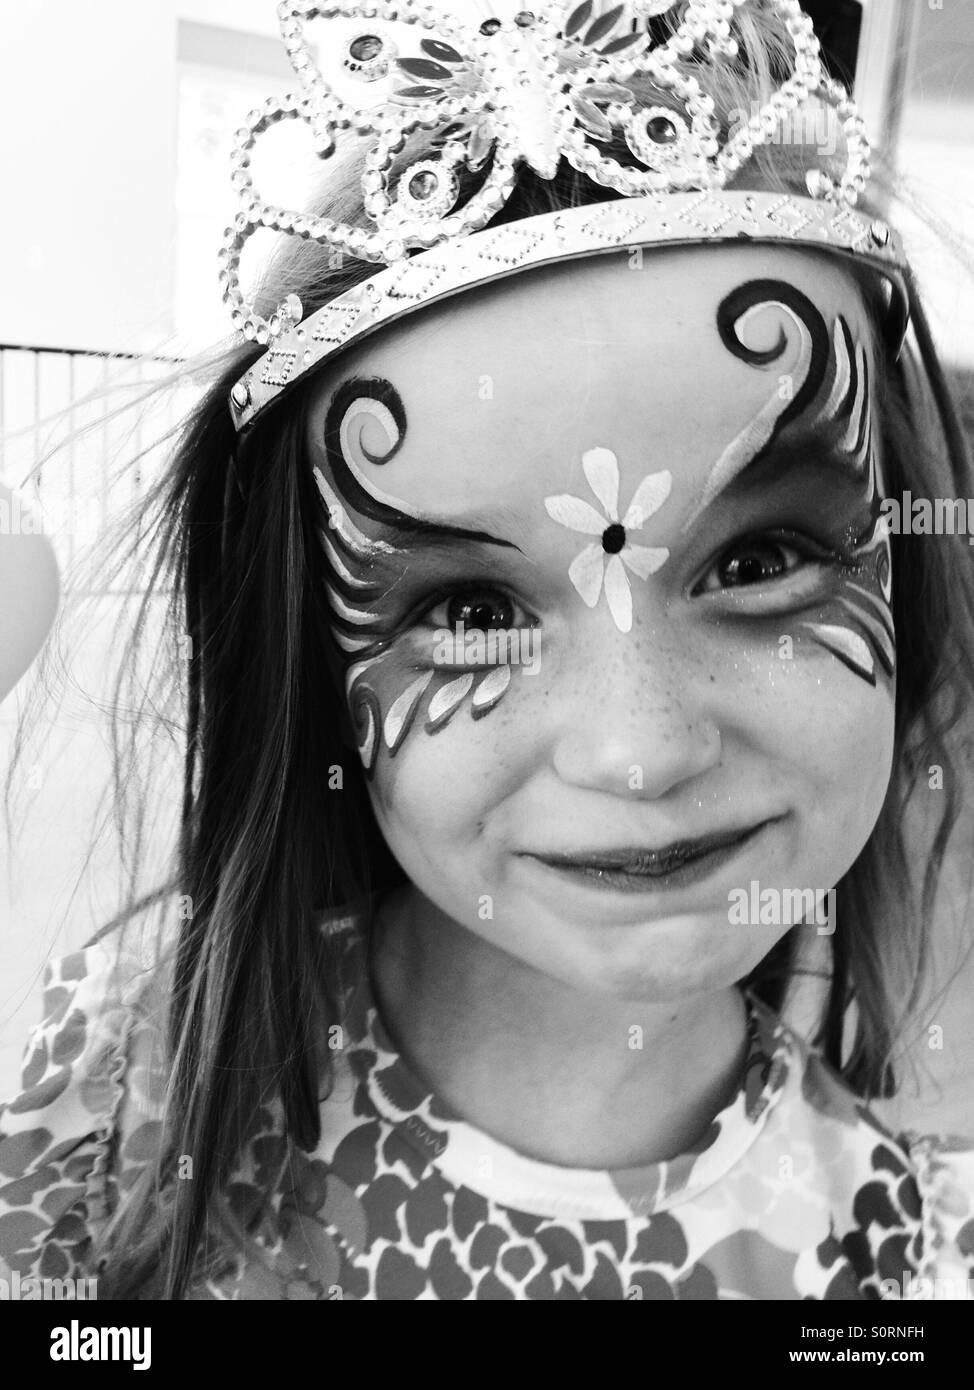 Fille avec la peinture pour le visage et tiara Photo Stock